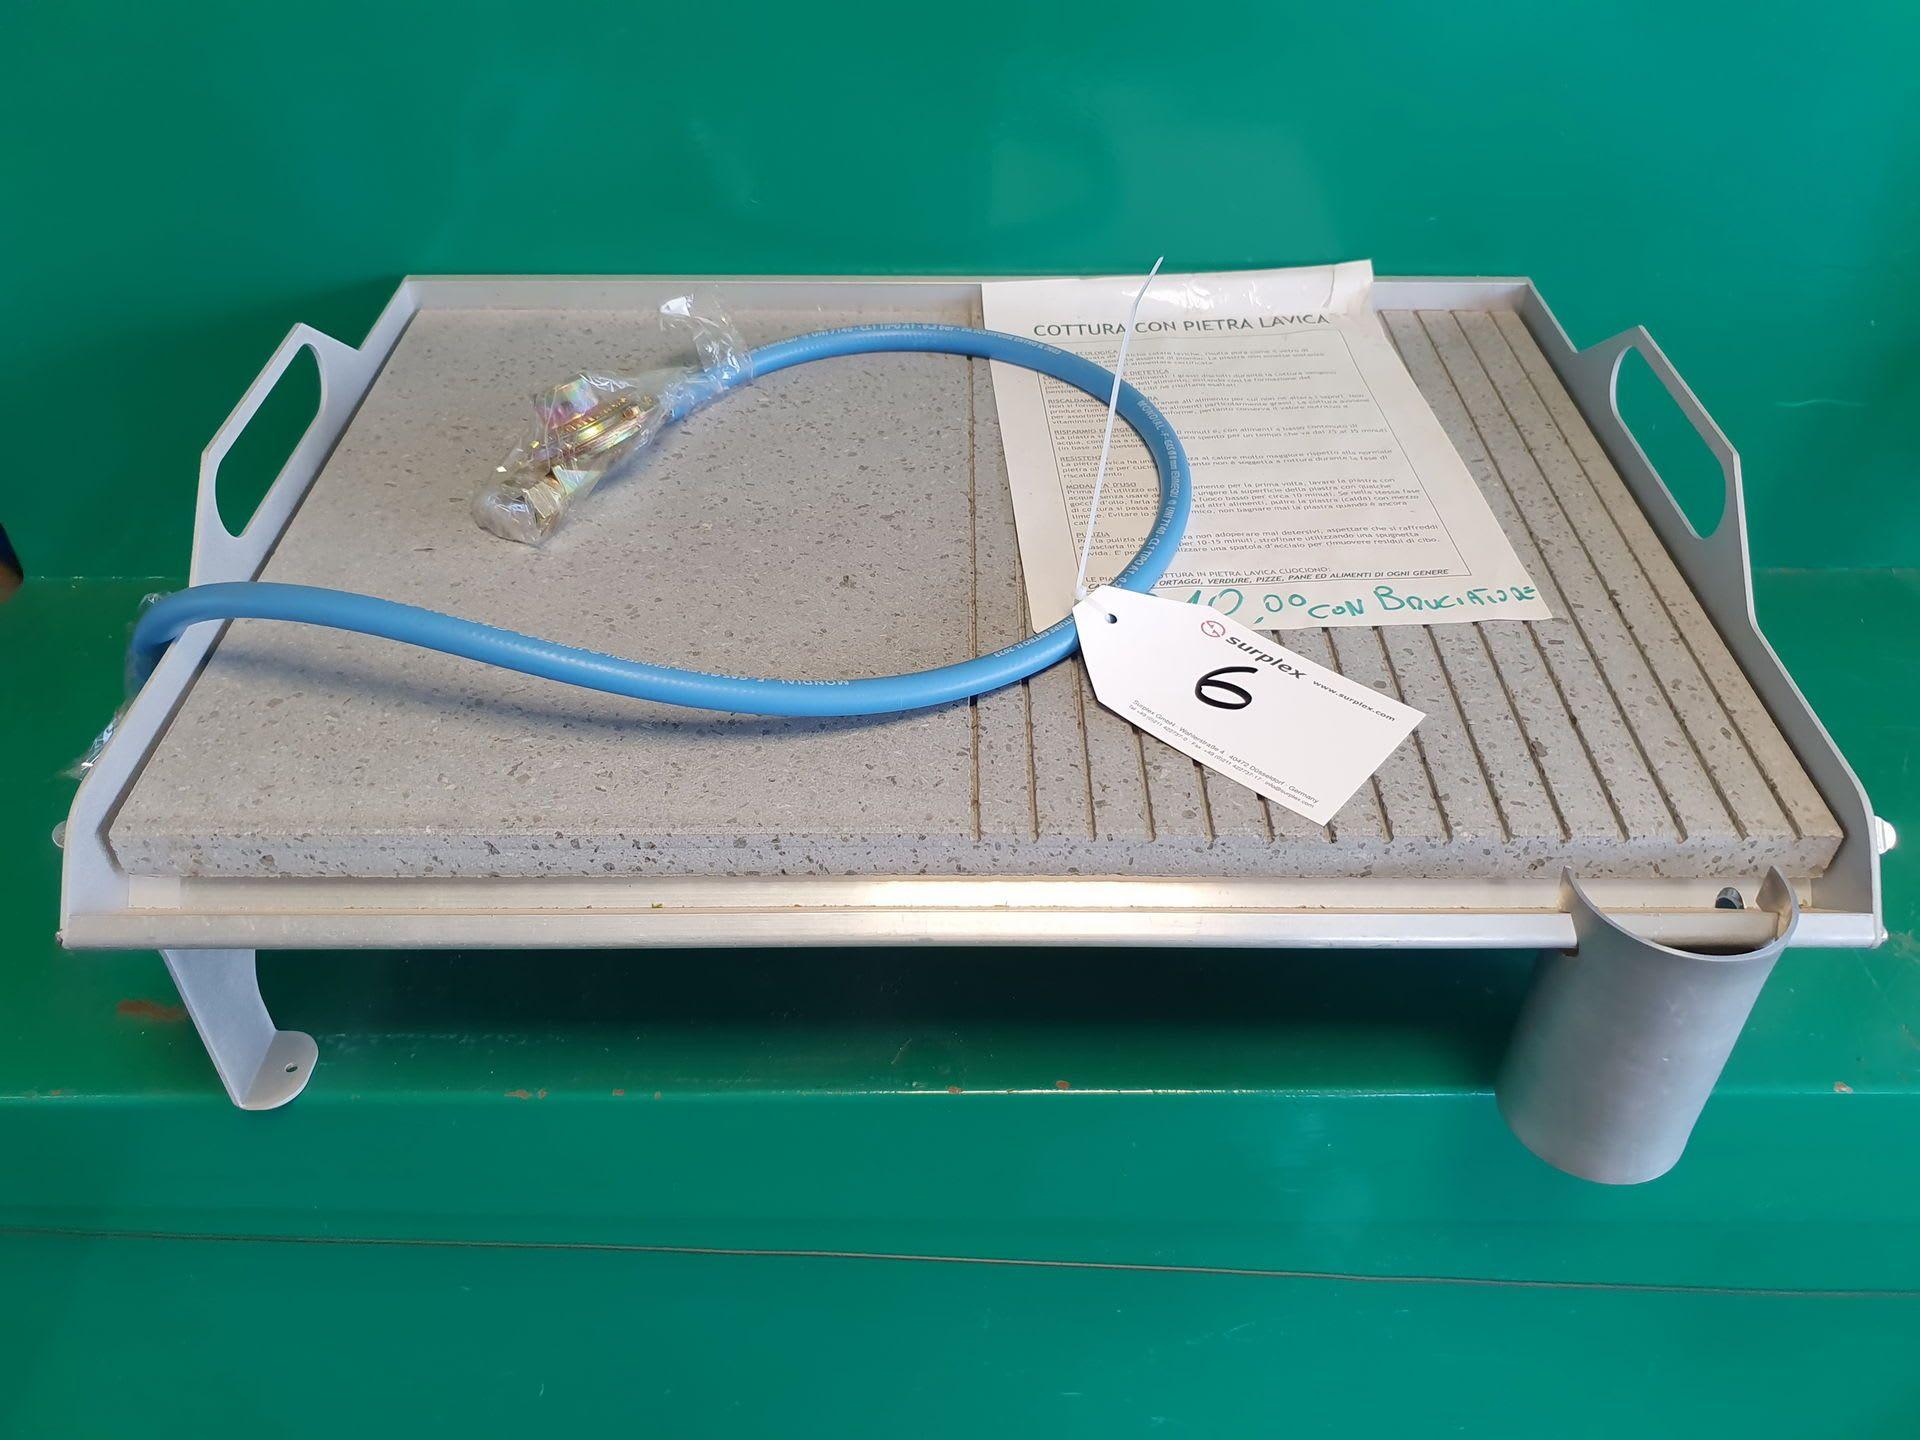 Gasplatte mit Lavastein-Oberfläche